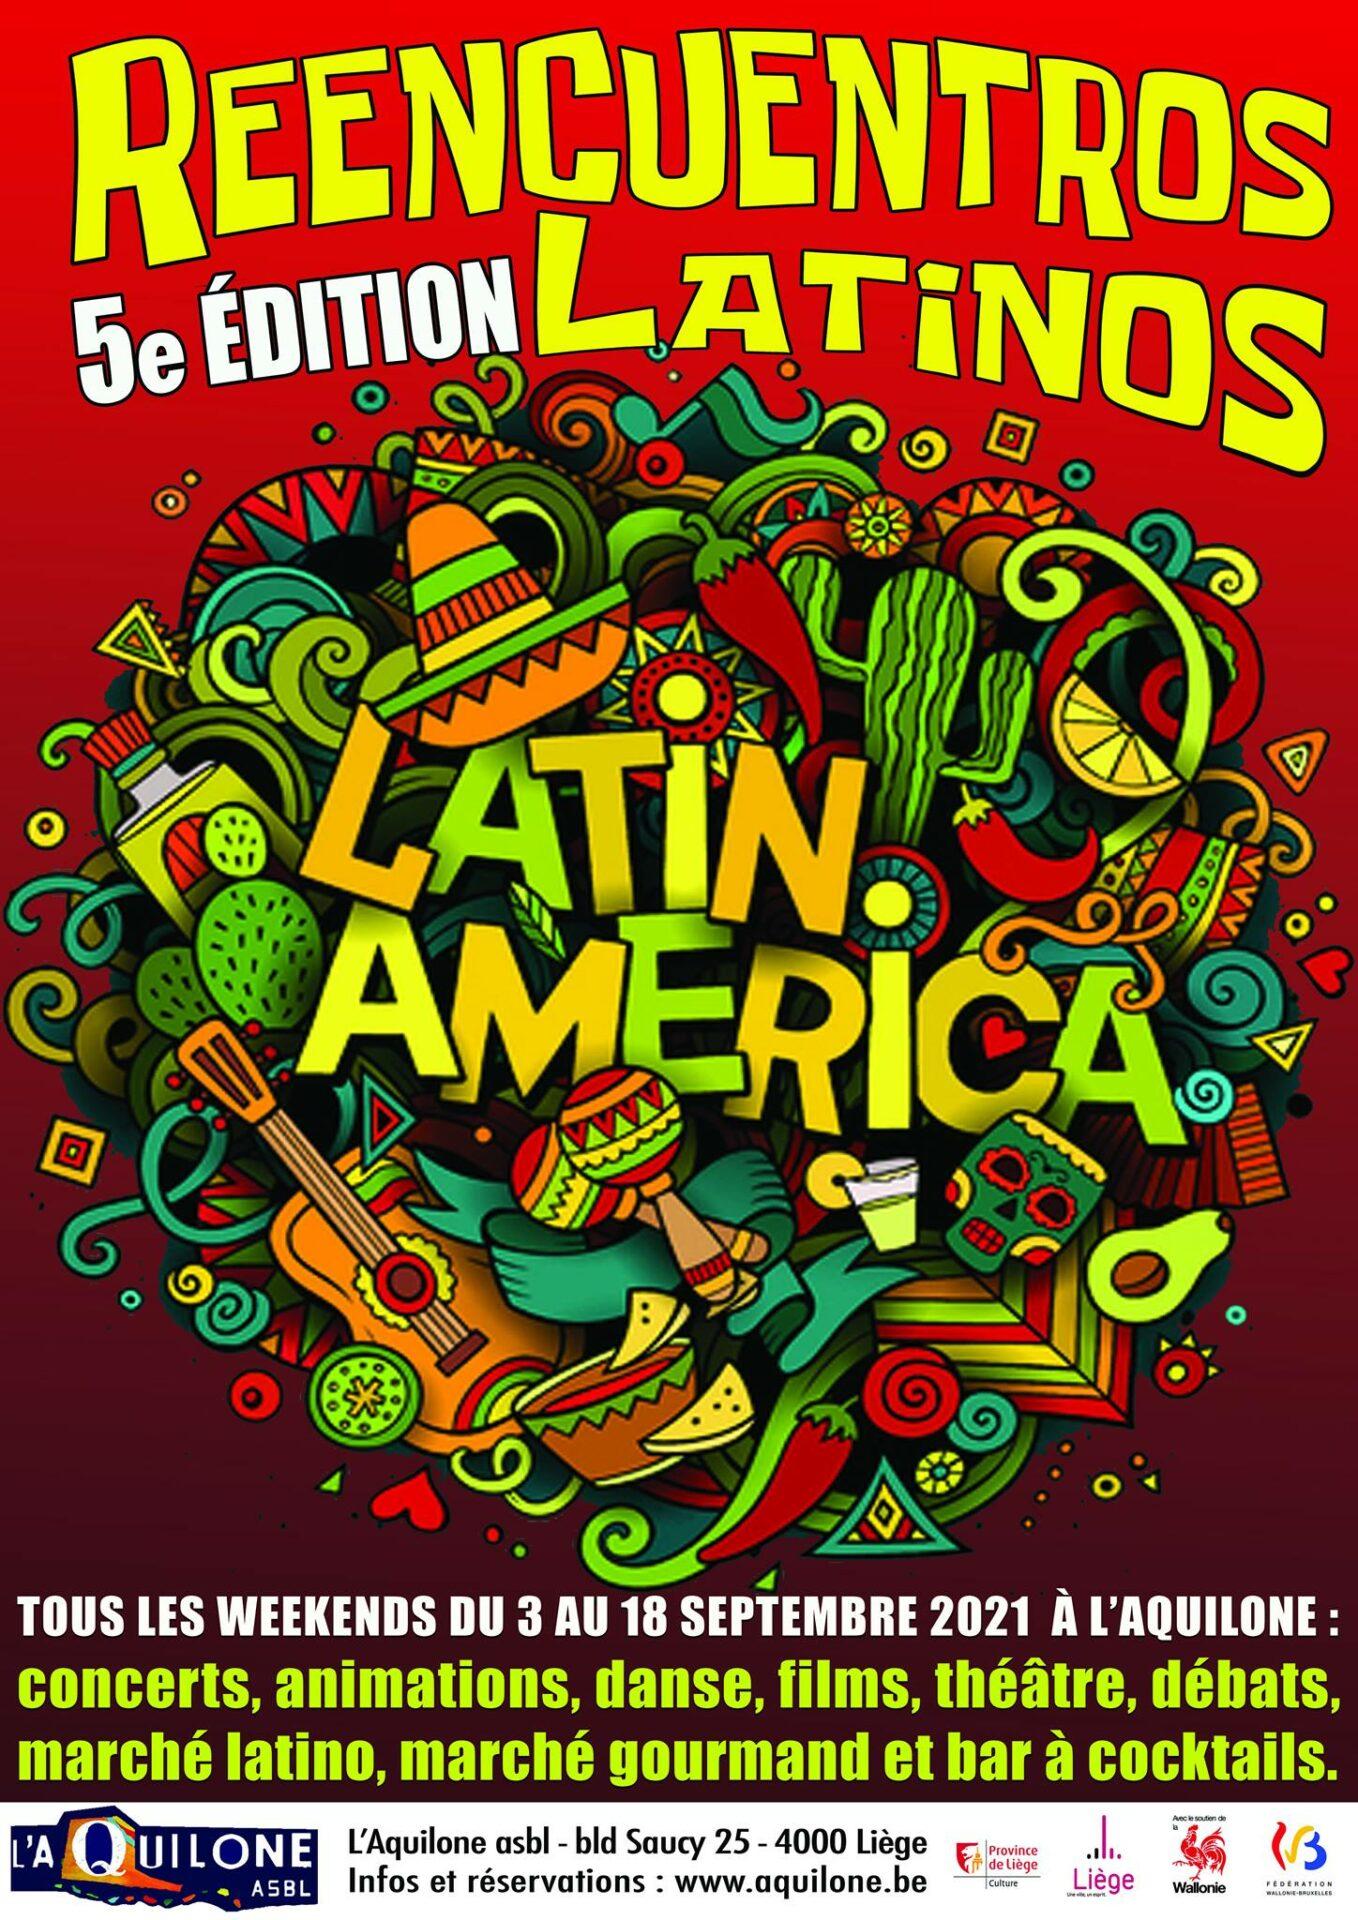 Reencuentros Latinos 5ème édition